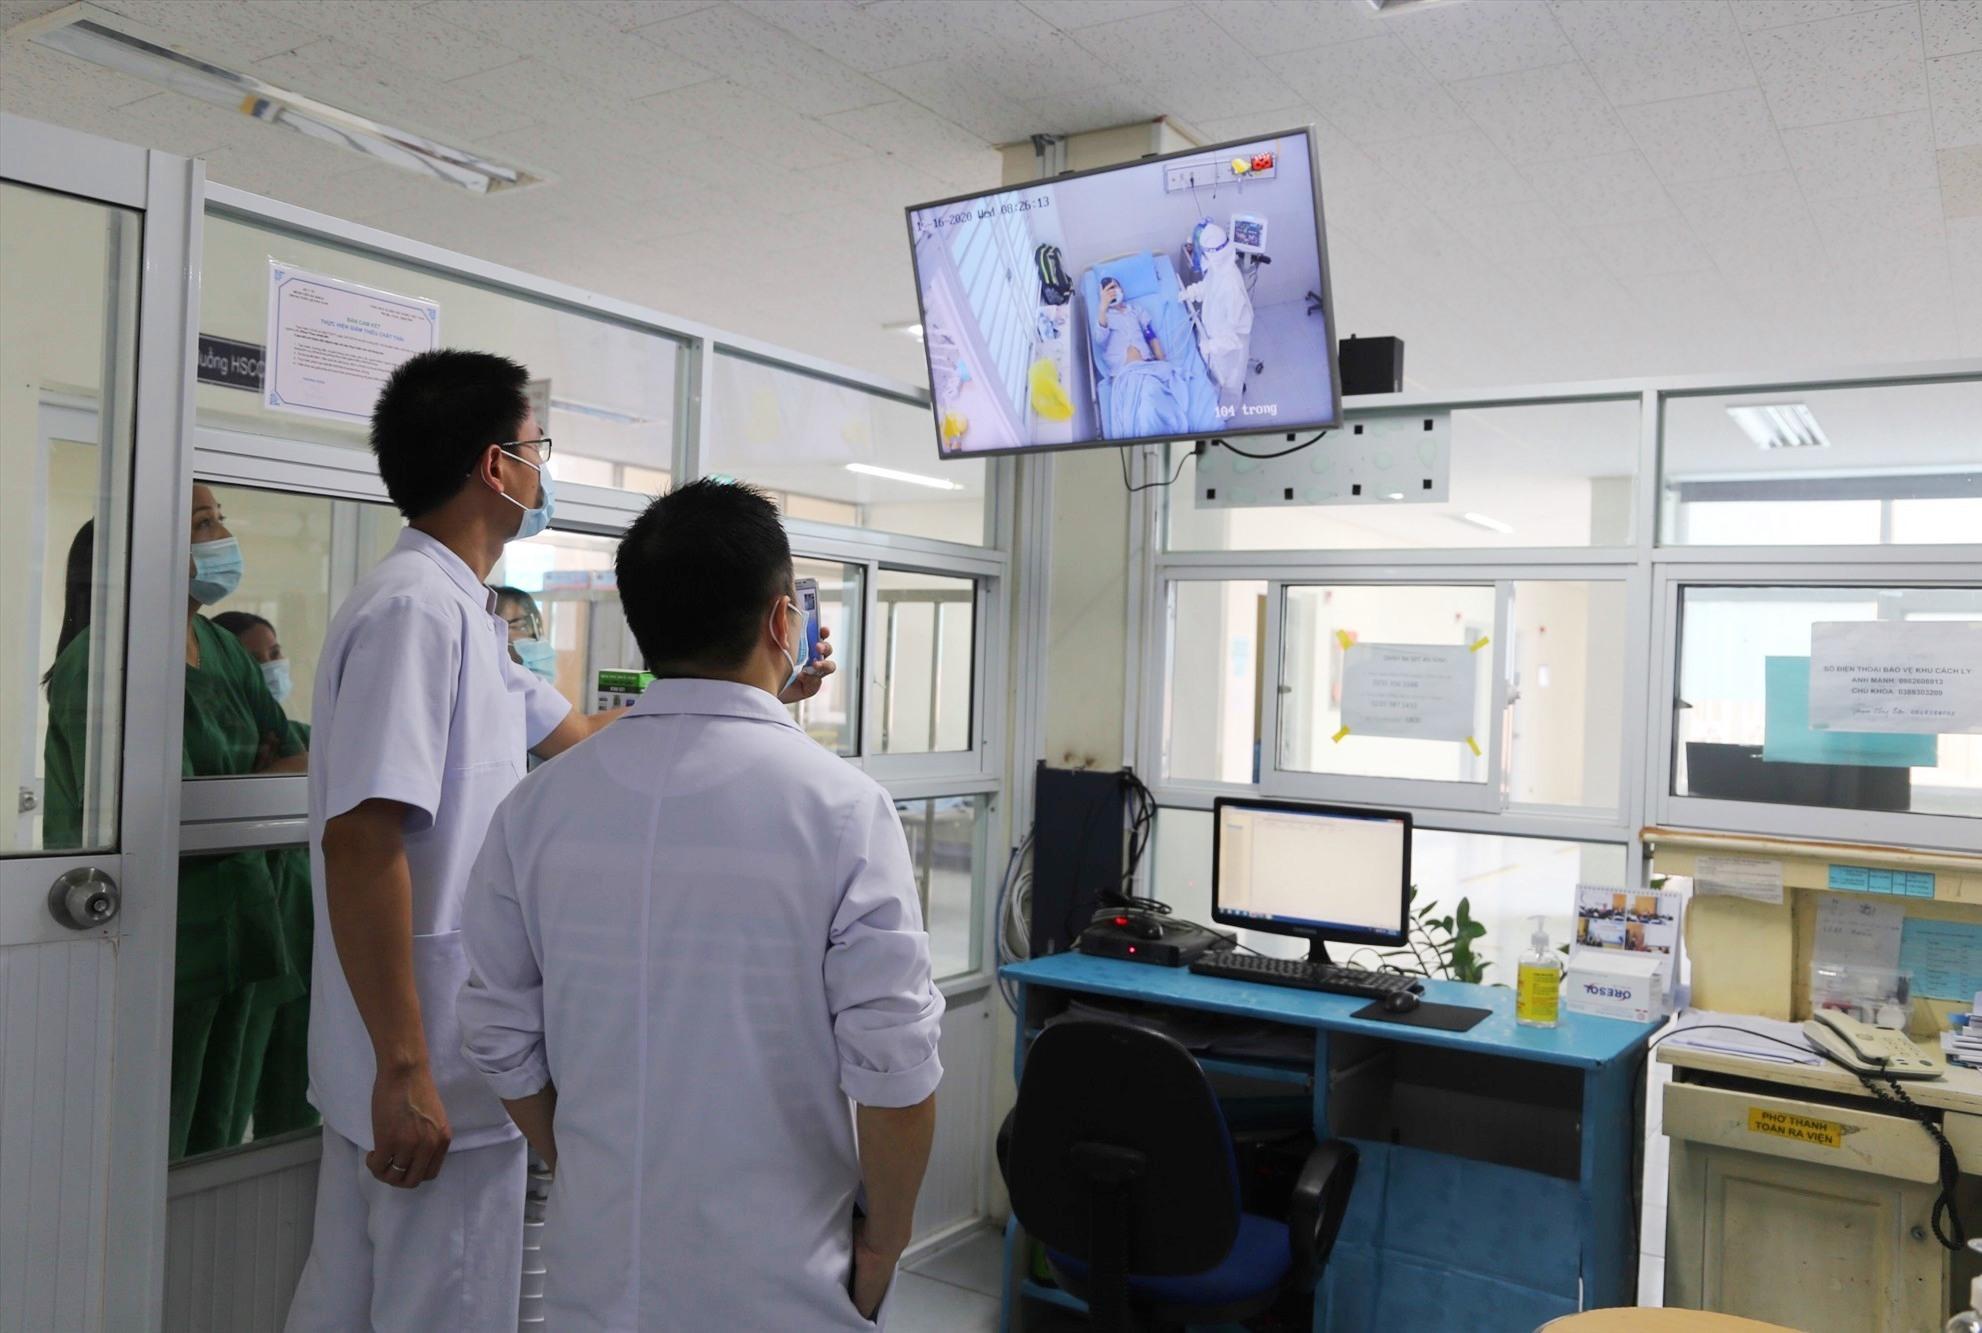 Theo quy định, BV Đa khoa Trung ương Quảng Nam là nơi điều trị bệnh nhân Covid-19 thể nặng của Quảng Nam. Ảnh: Đoàn Đạo